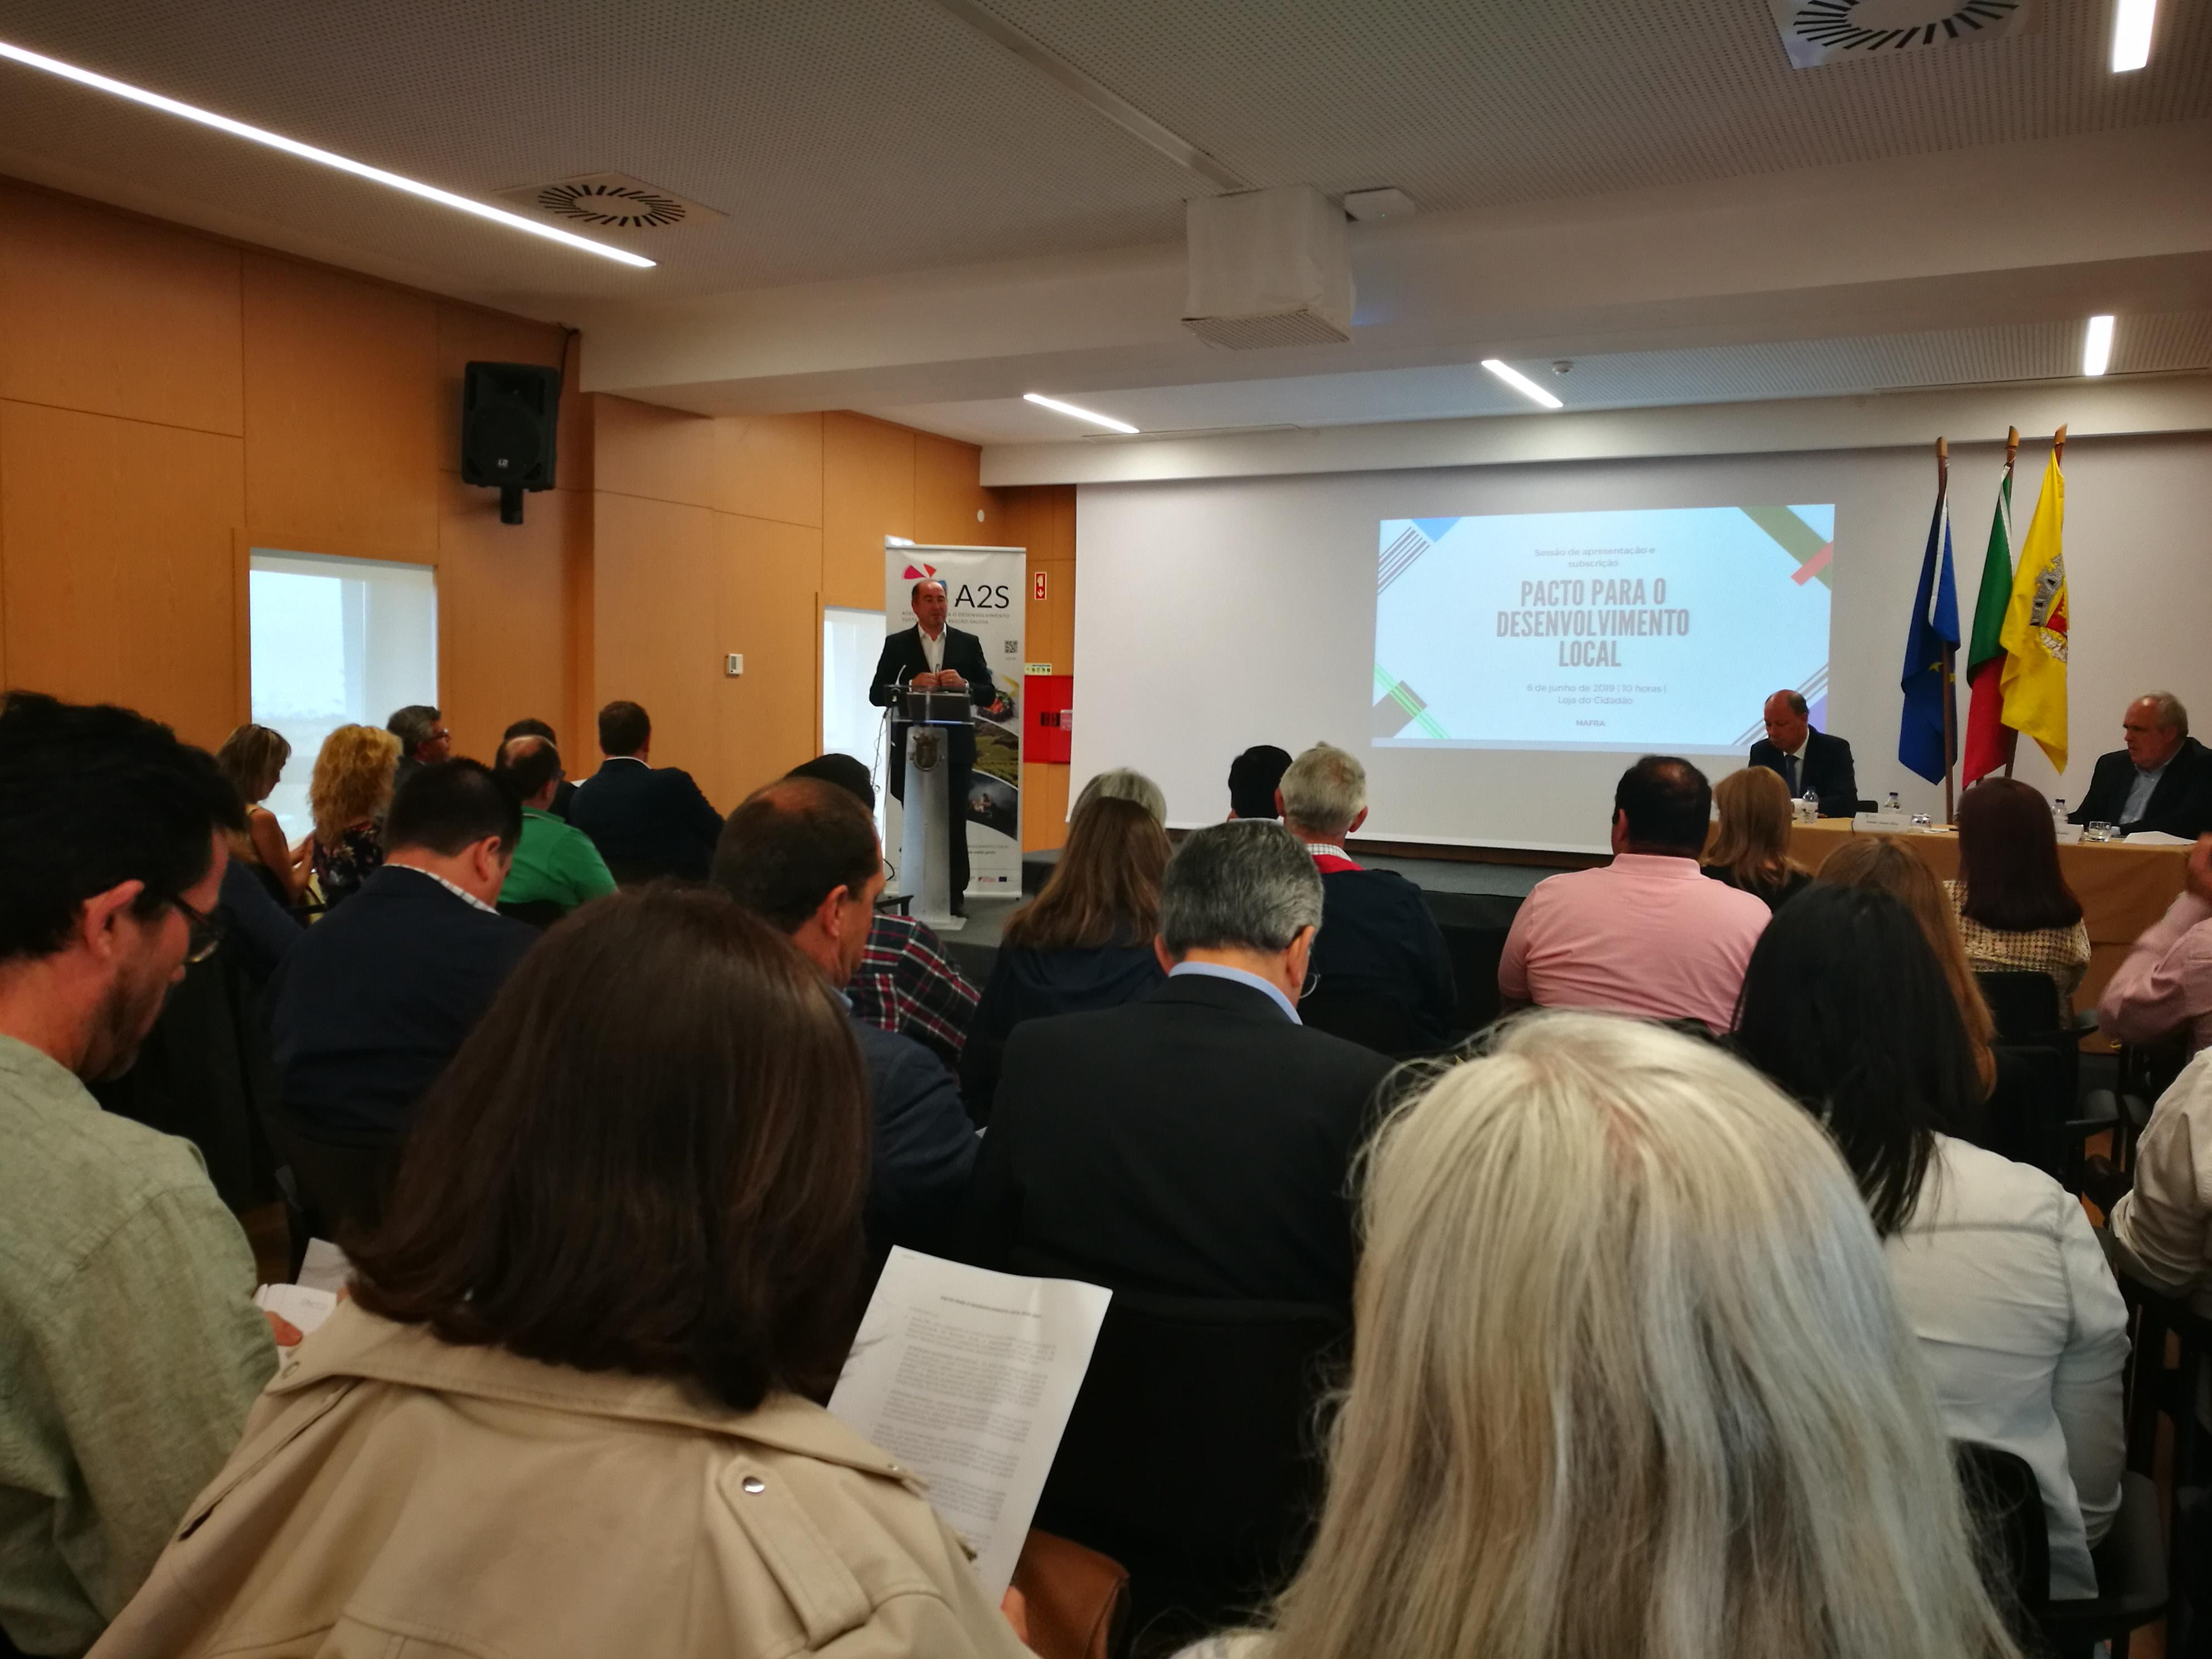 Região Saloia Inicia A Subscrição Do Pacto Desenvolvimento Local 2030